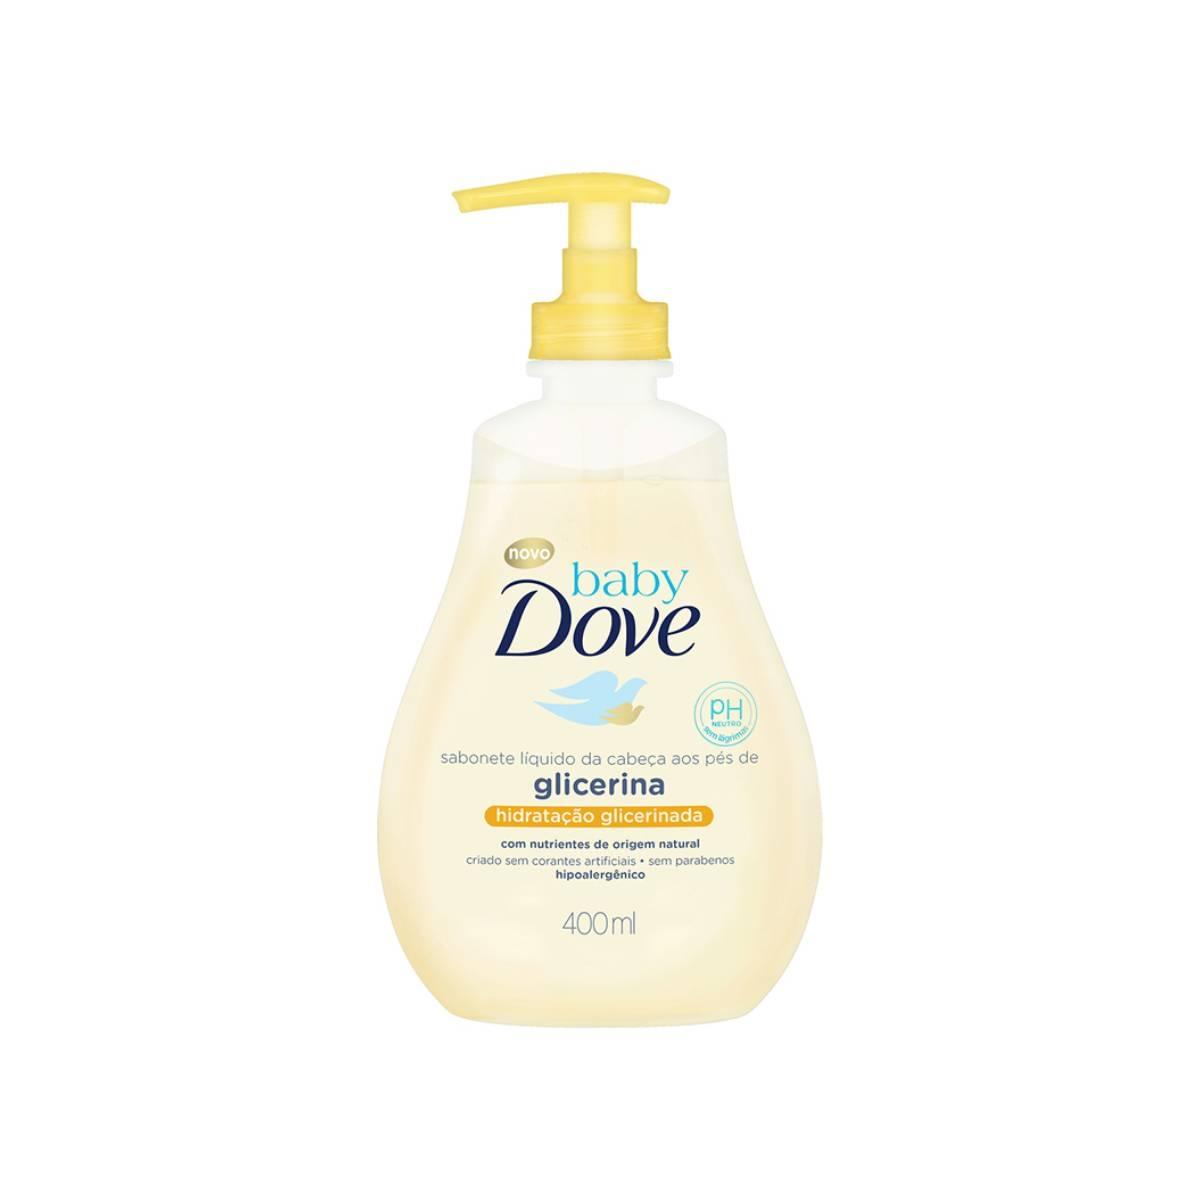 Sabonete Líquido Dove Baby Hidratação Glicerinada com 400ml Baby Dove 400ml